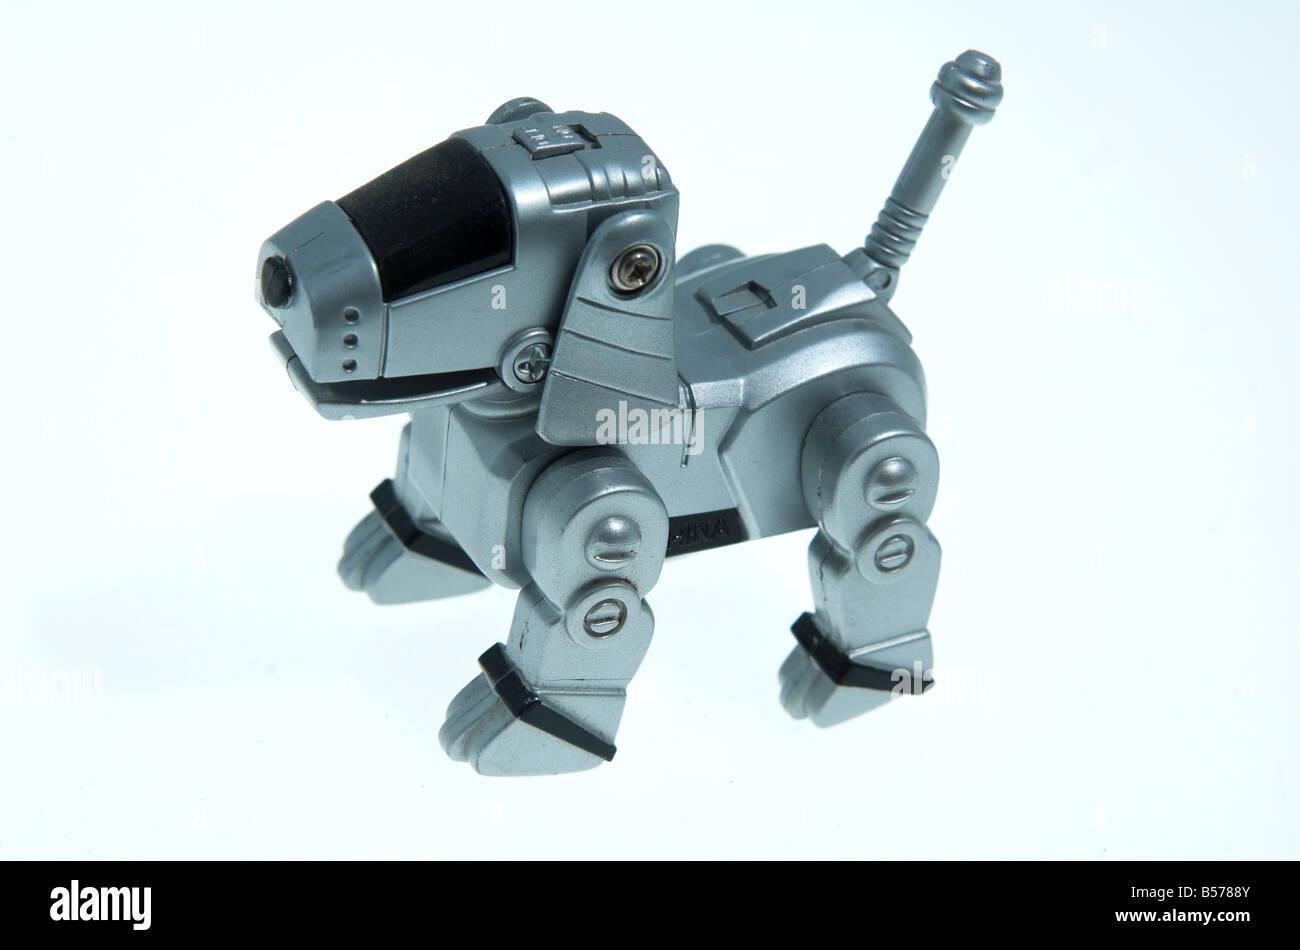 Chien Robot Jouet Banque Dimages Photo Stock 20443835 Alamy